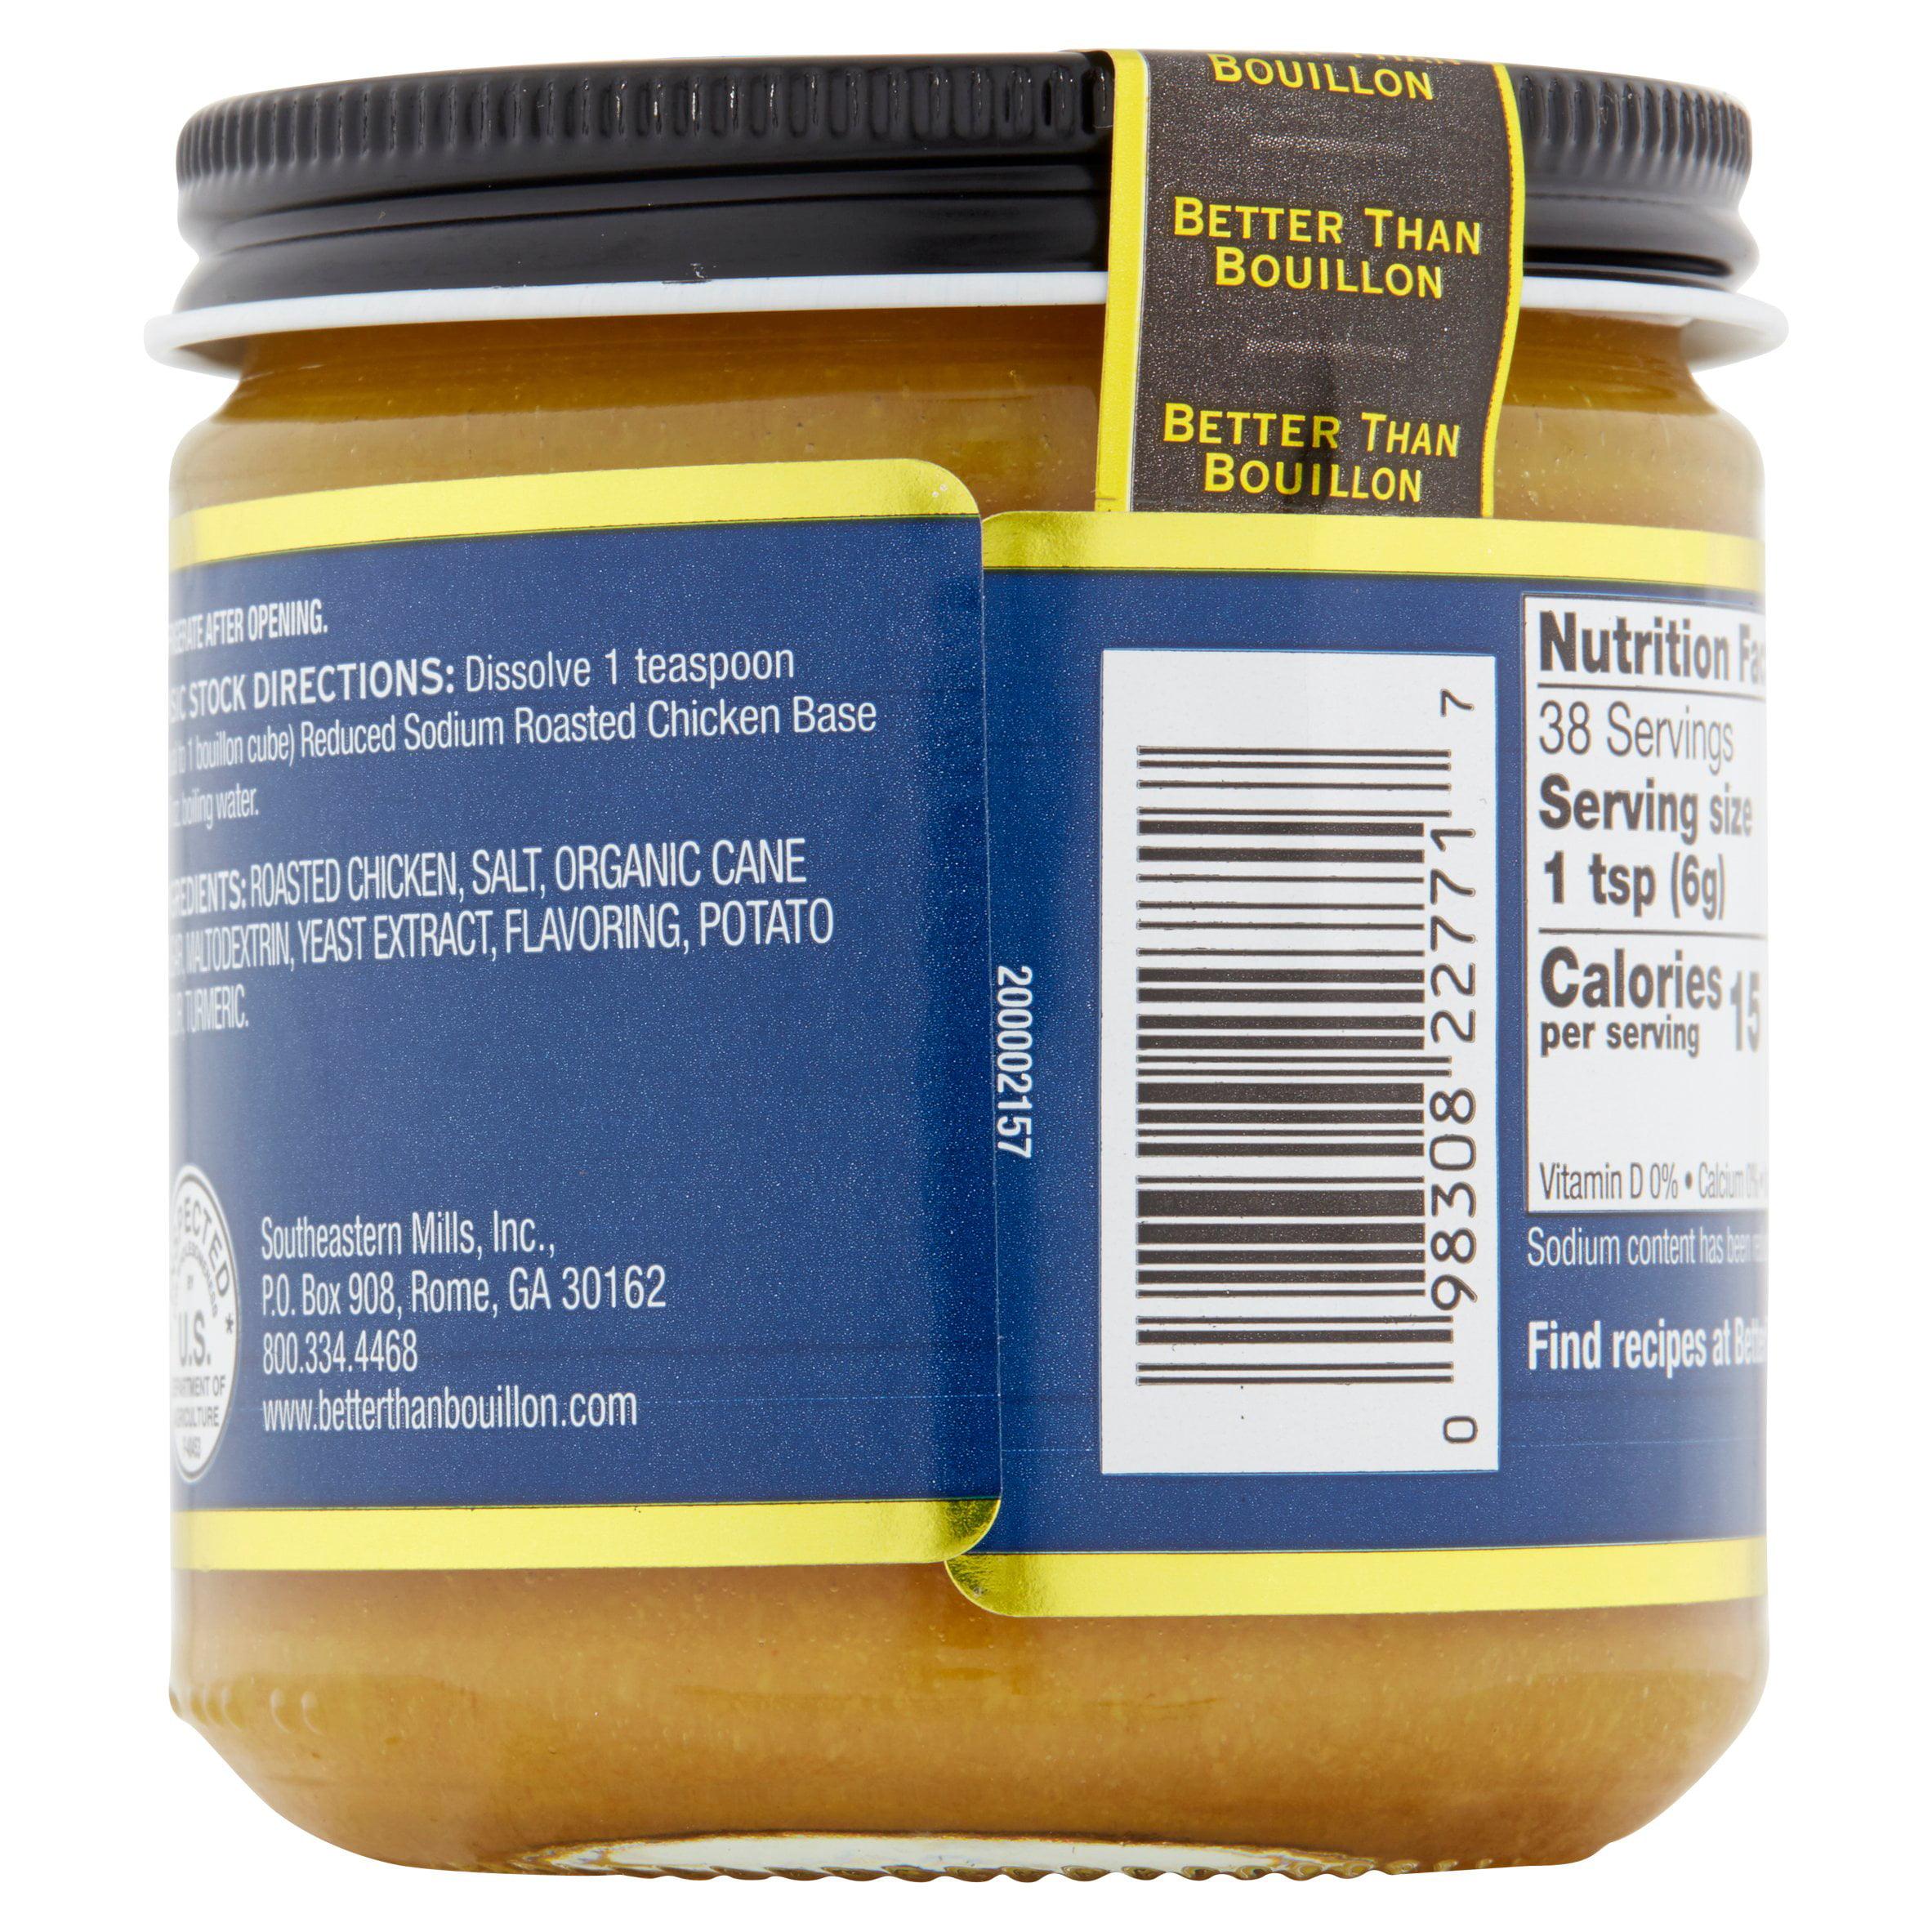 BTB Reduced Sodium Chicken - Walmart.com